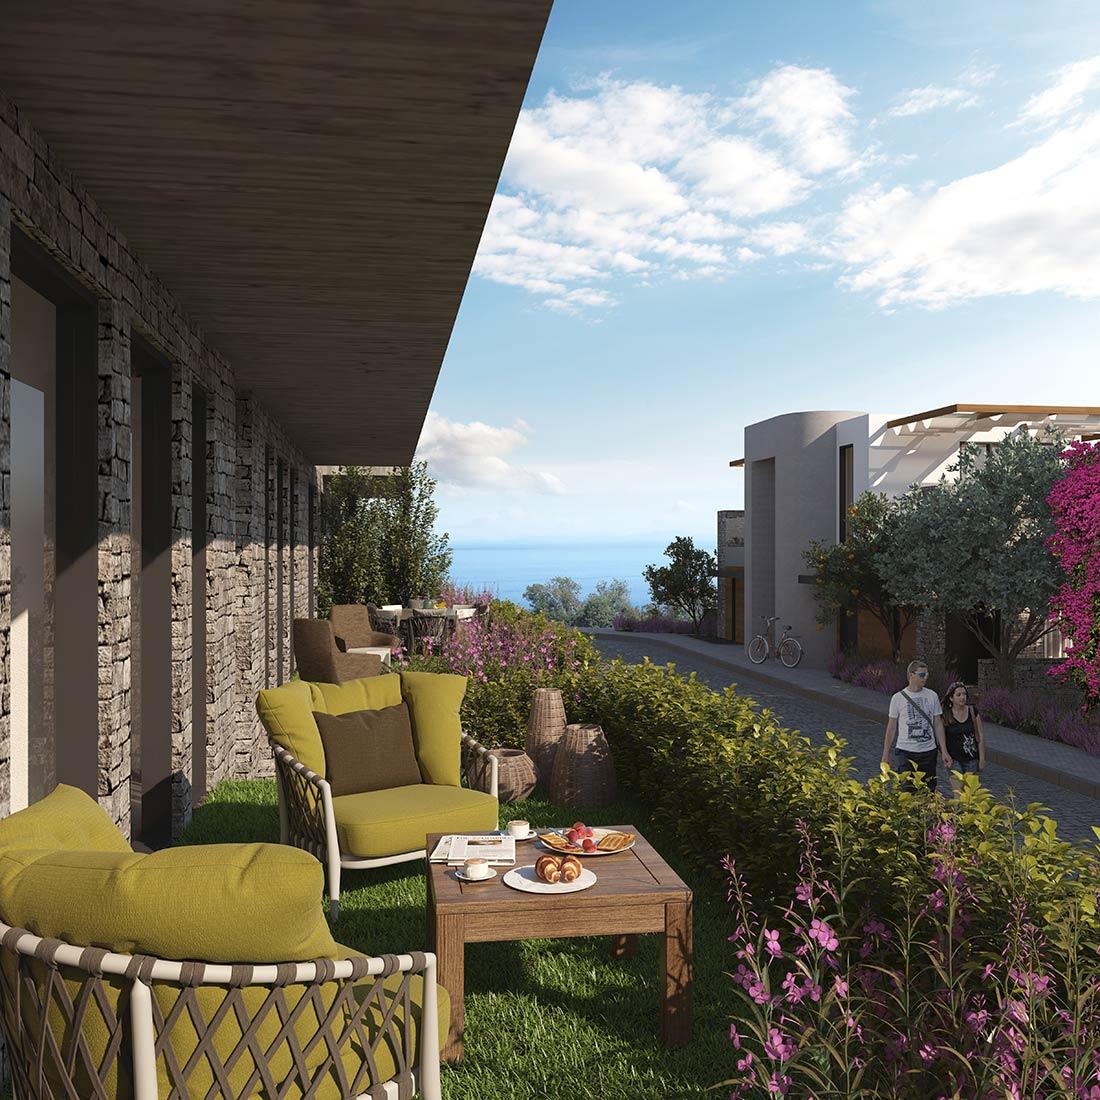 bodrum-seaside-villas-4.jpg